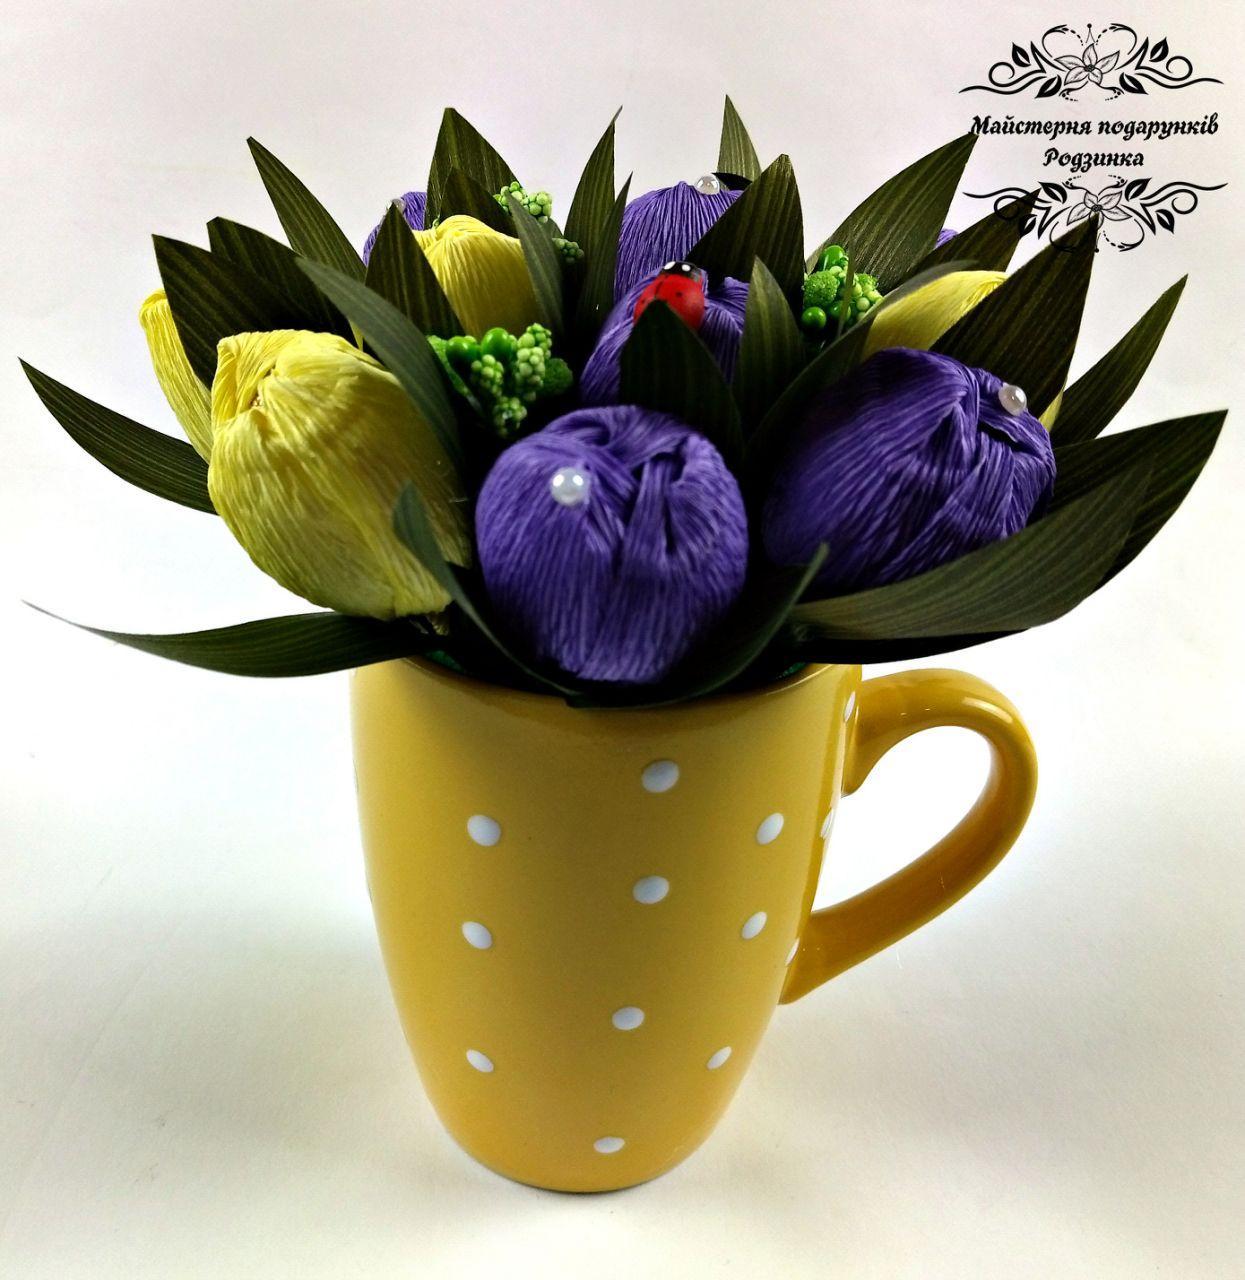 Подарунок букет з цукерок крокуси в чашці